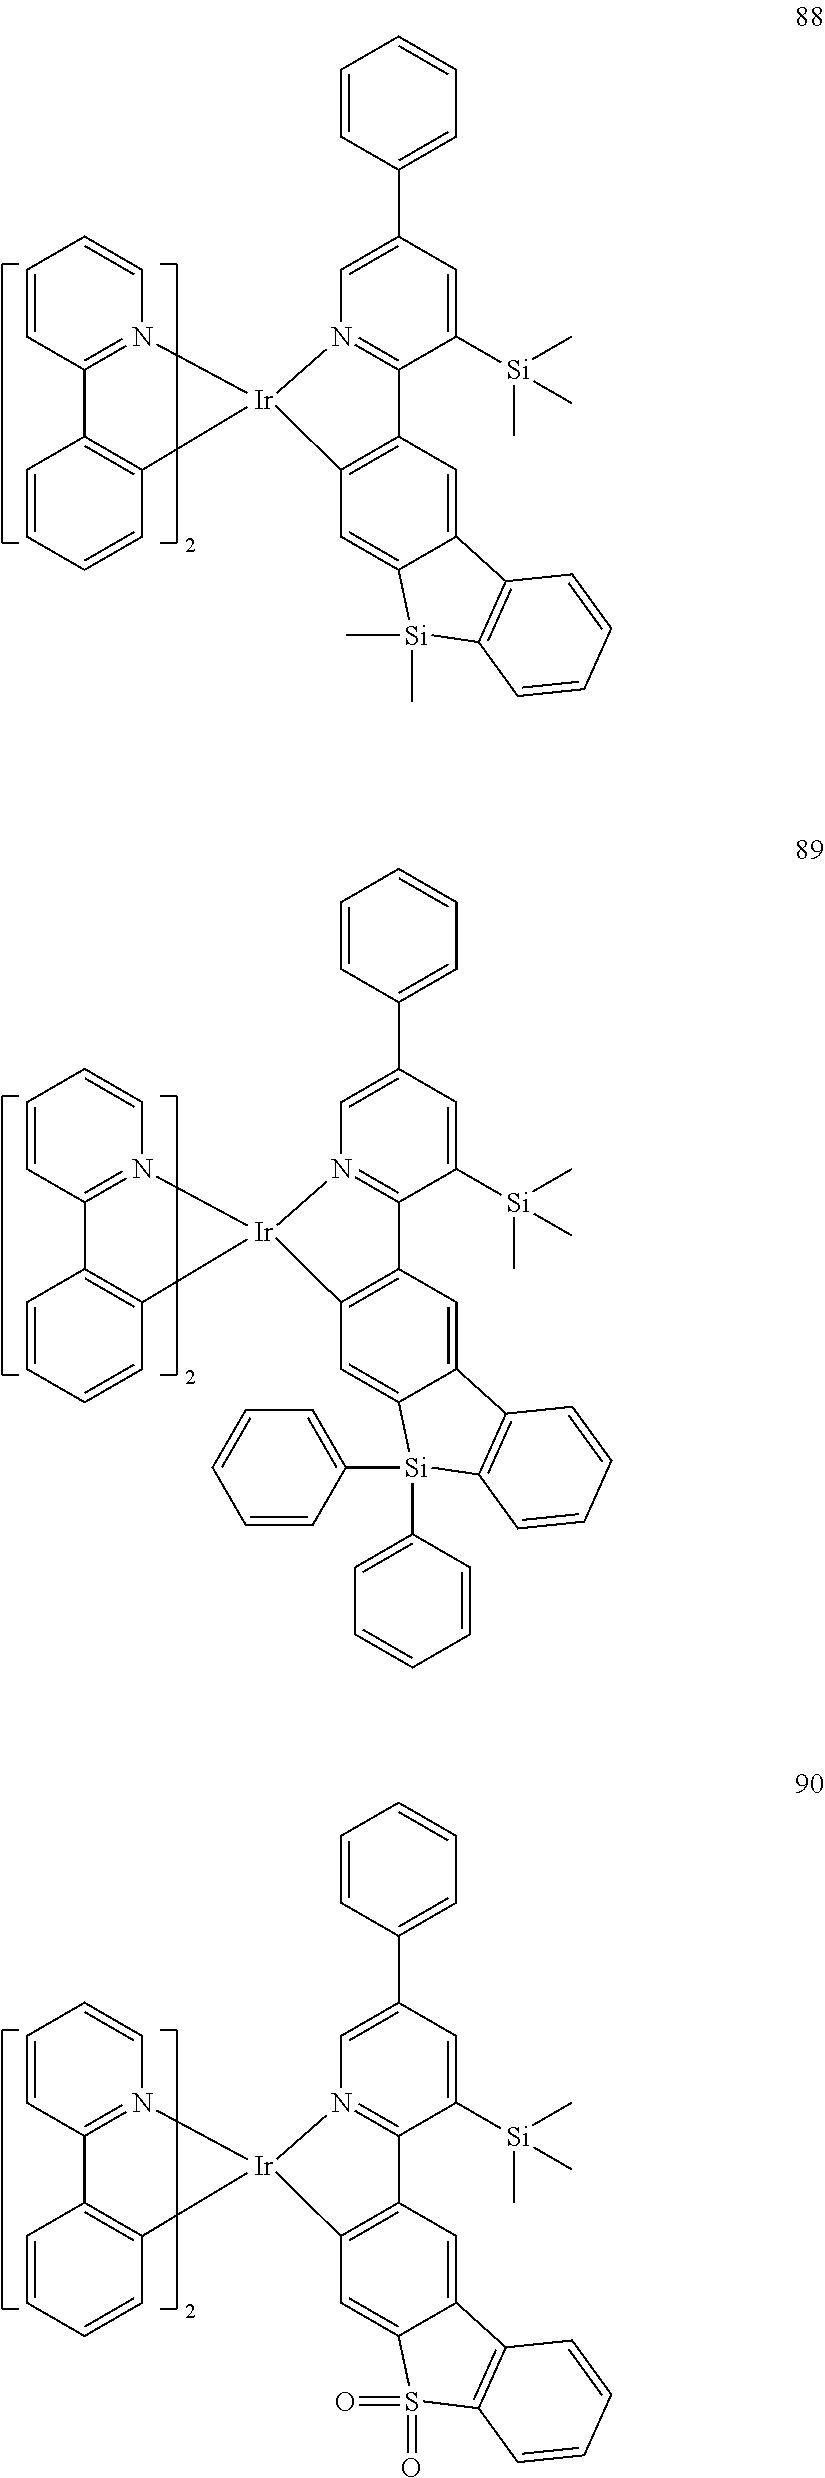 Figure US20160155962A1-20160602-C00084